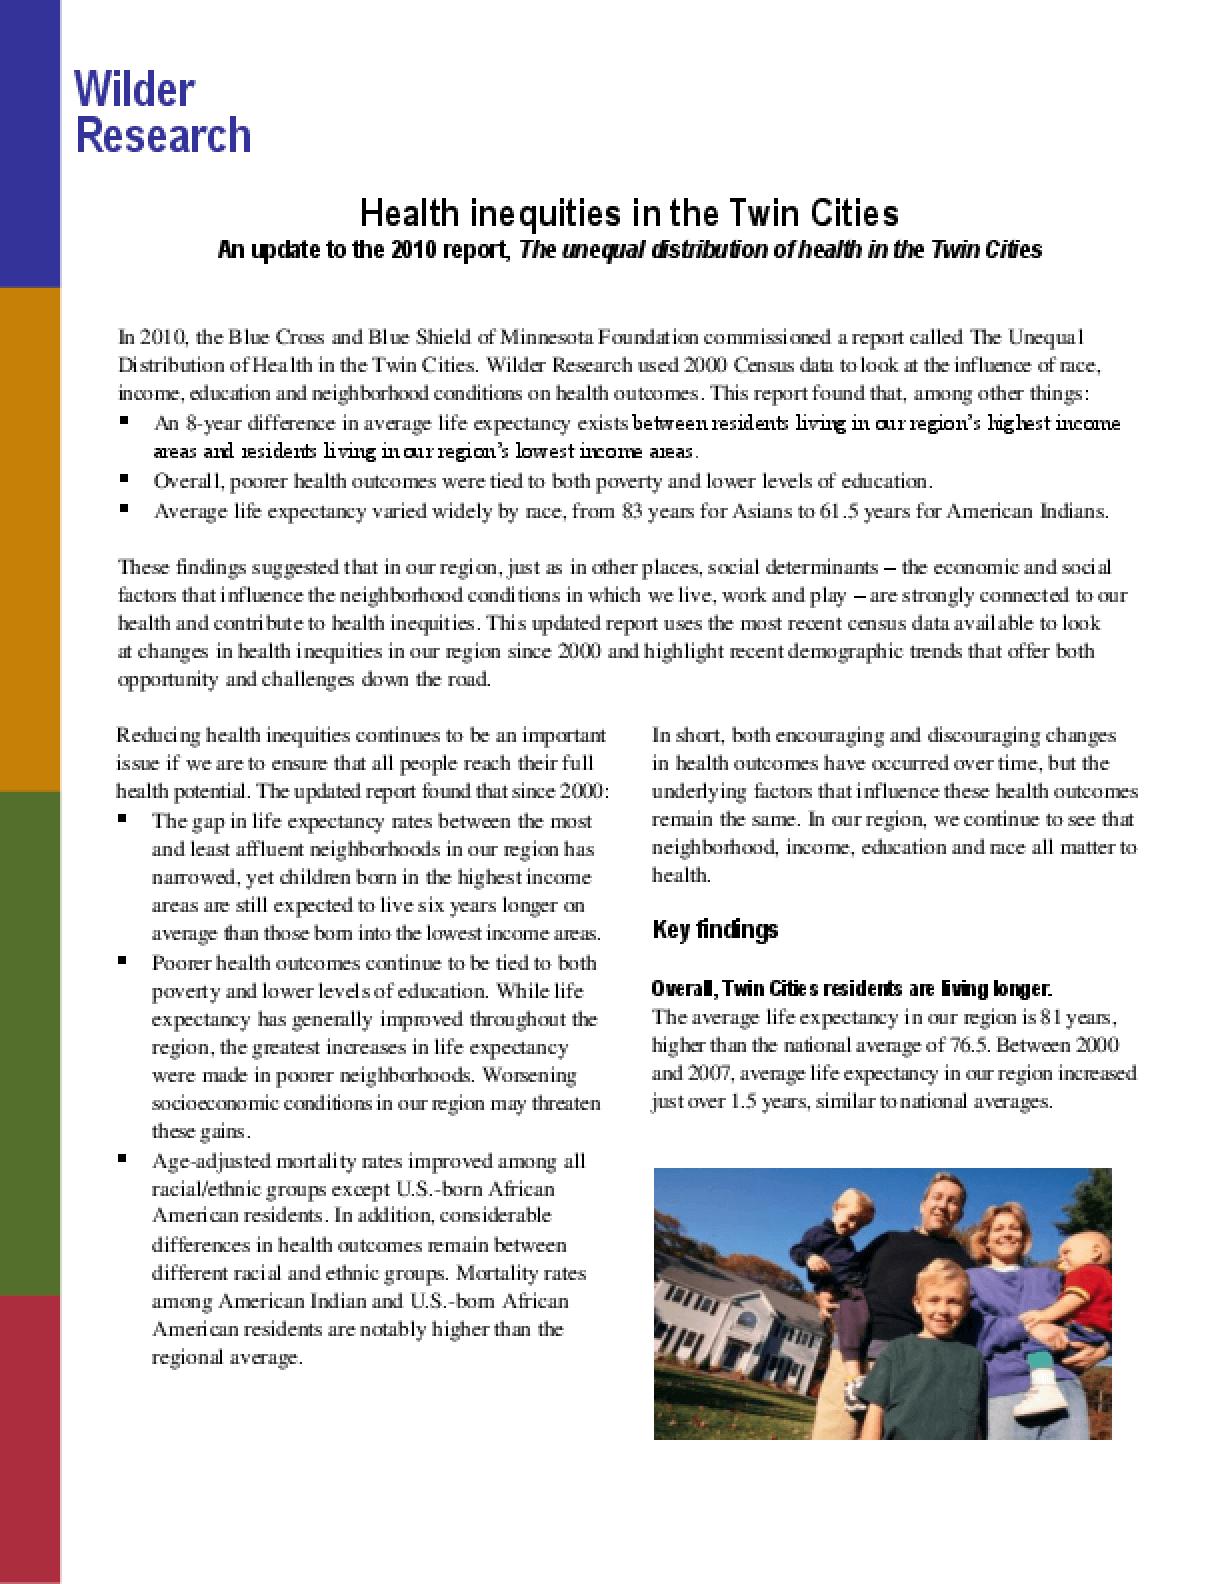 Health Inequities in the Twin Cities